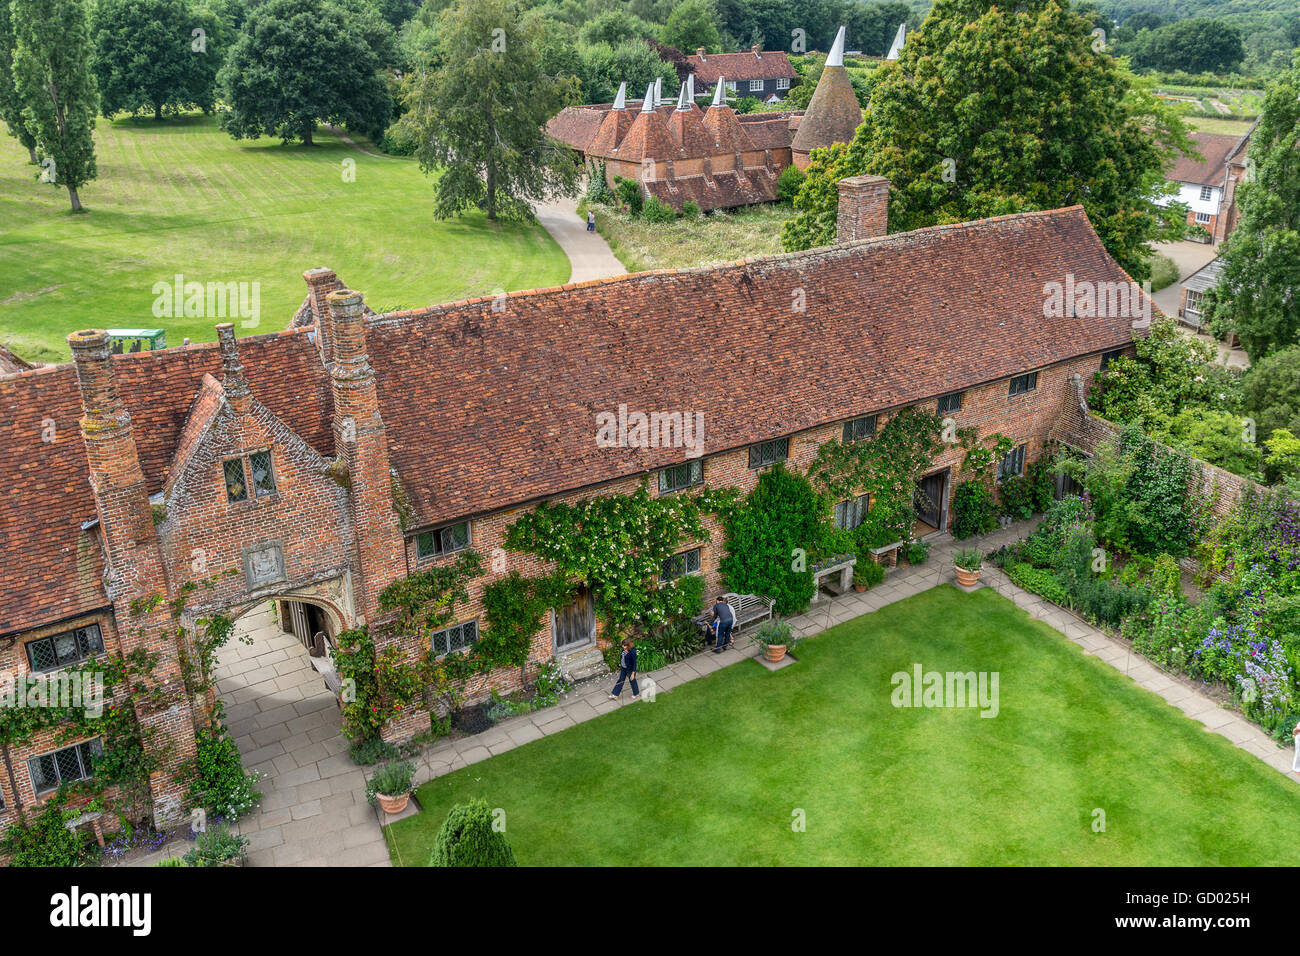 Sissinghurst house gardens and nursery - Stock Image